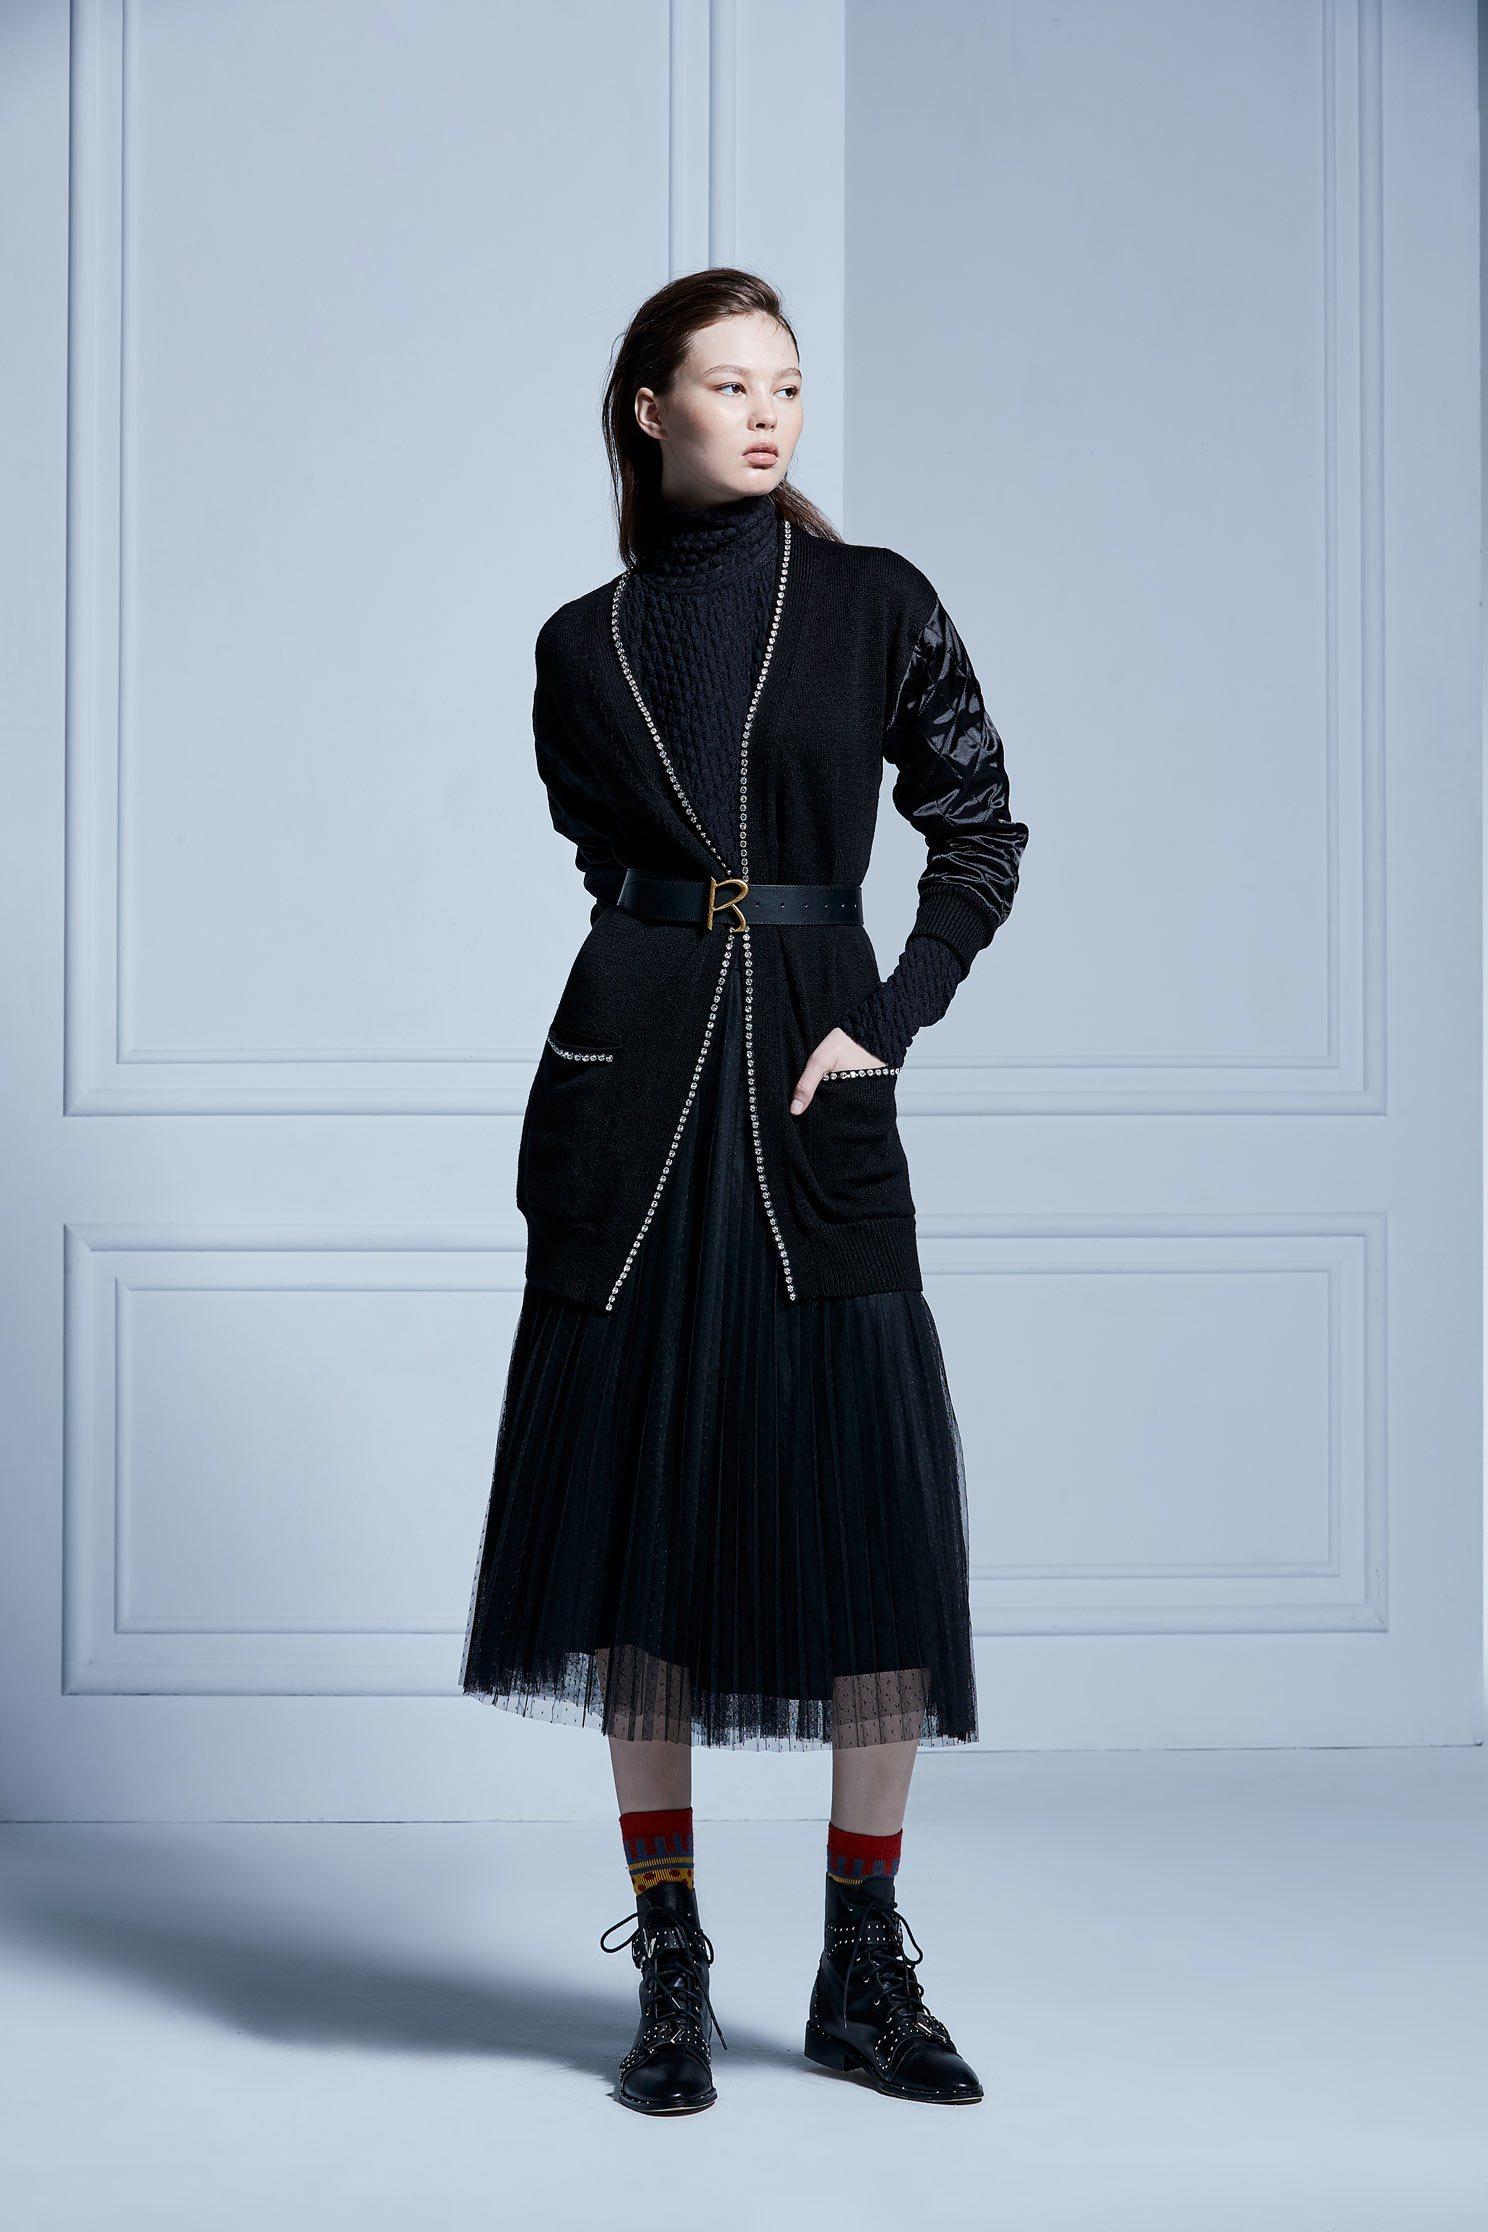 contrast cardigans,coldforwinter,cardigan,knitting,knittedjacket,knittedtop,longsleeveouterwear,blackouterwear